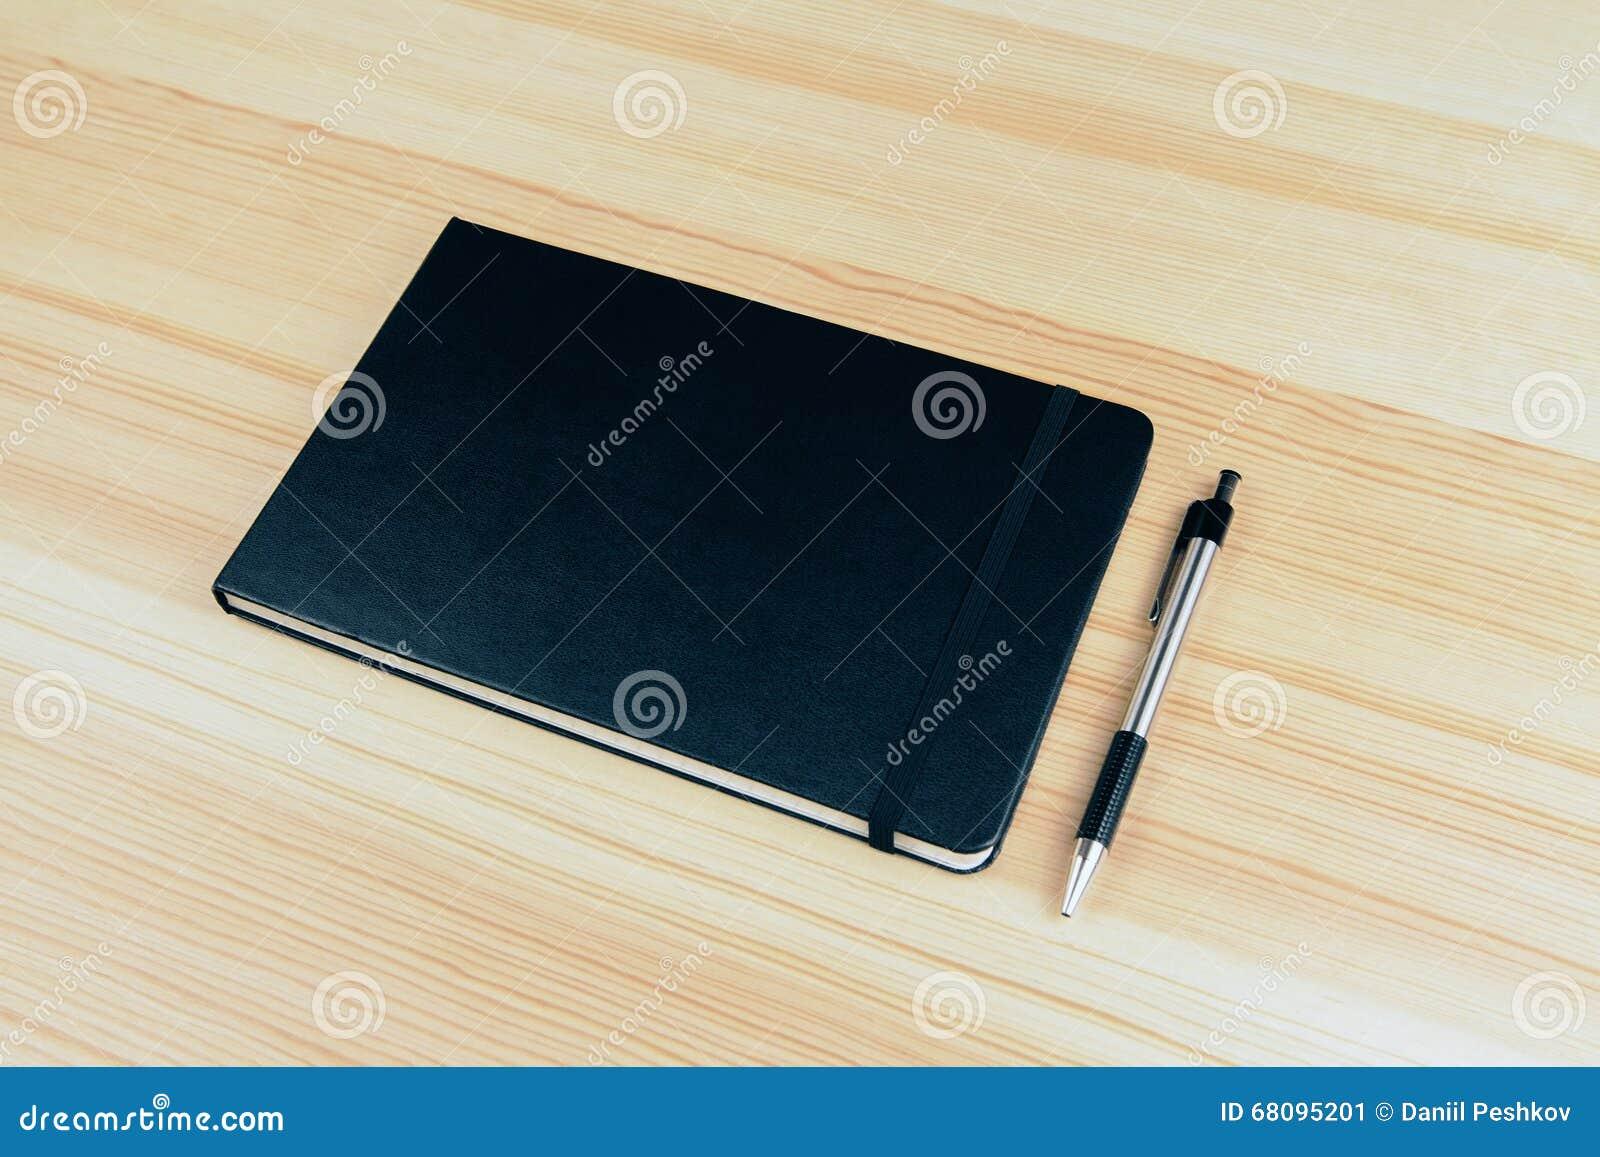 Copertura In Legno Bianco : Copertura in bianco del taccuino con la penna sulla tavola di